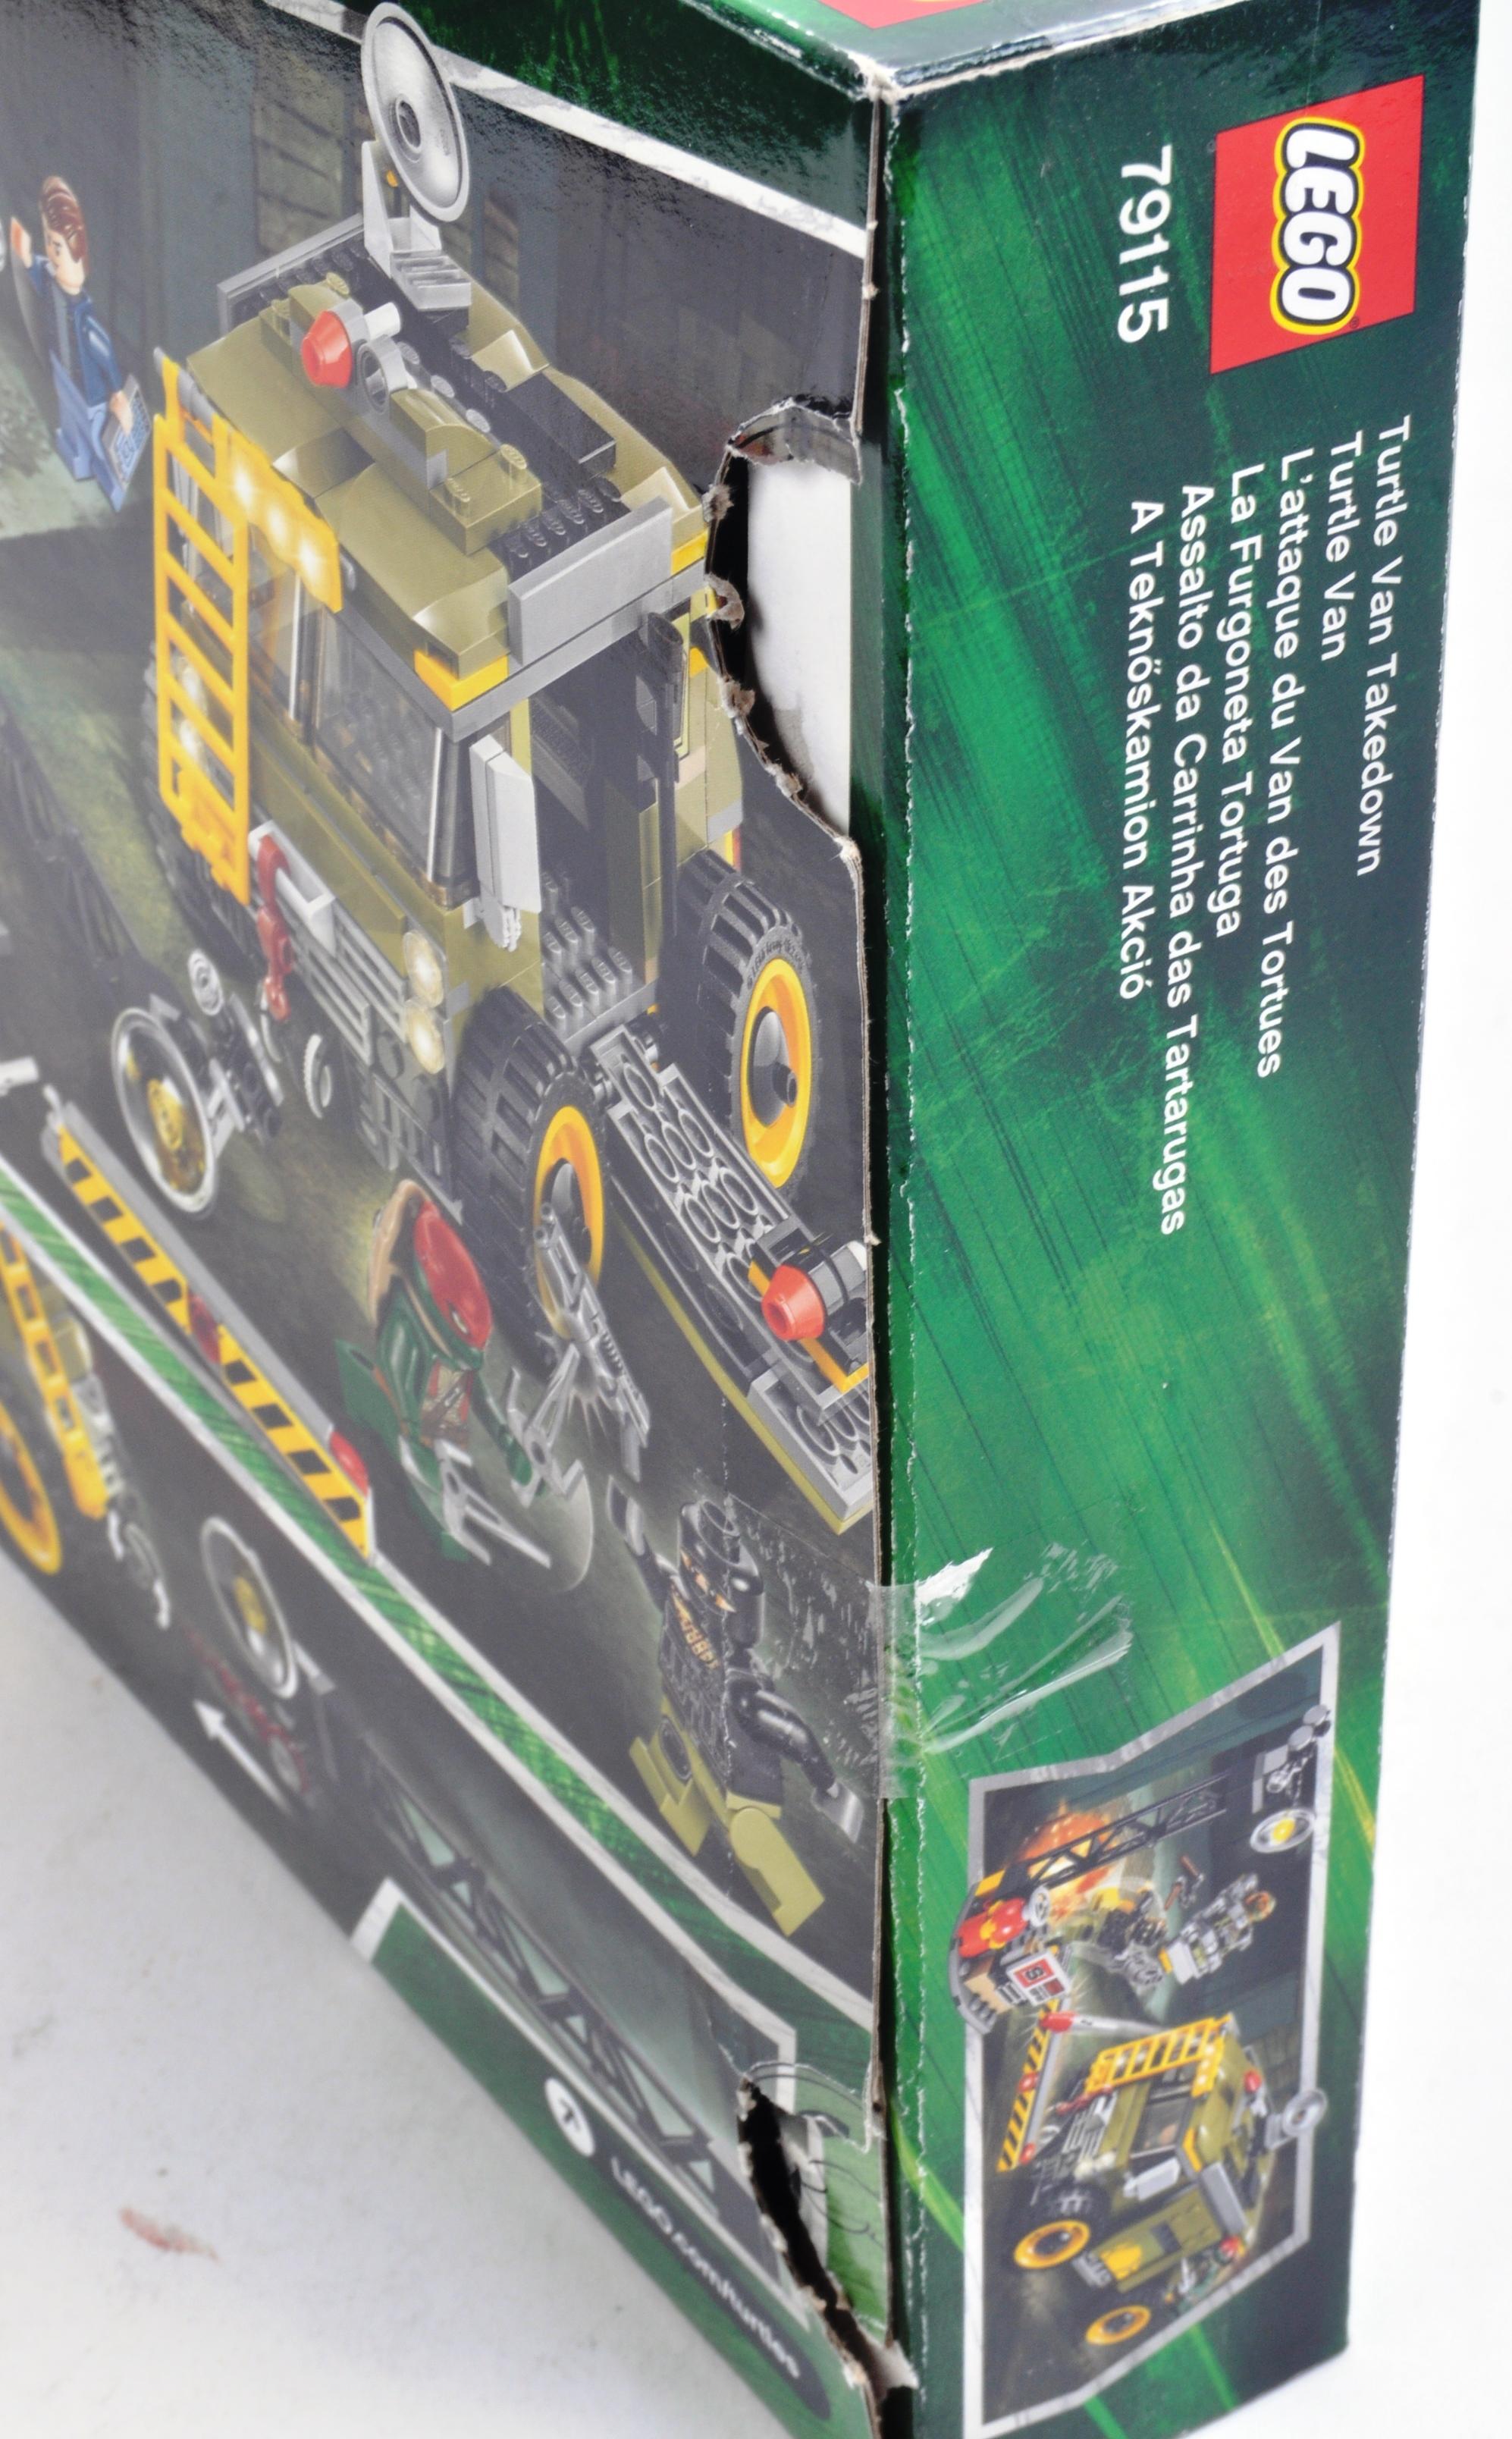 LEGO SET - LEGO NINJA TURTLES - 79115 - TURTLE VAN TAKEDOWN - Image 3 of 3